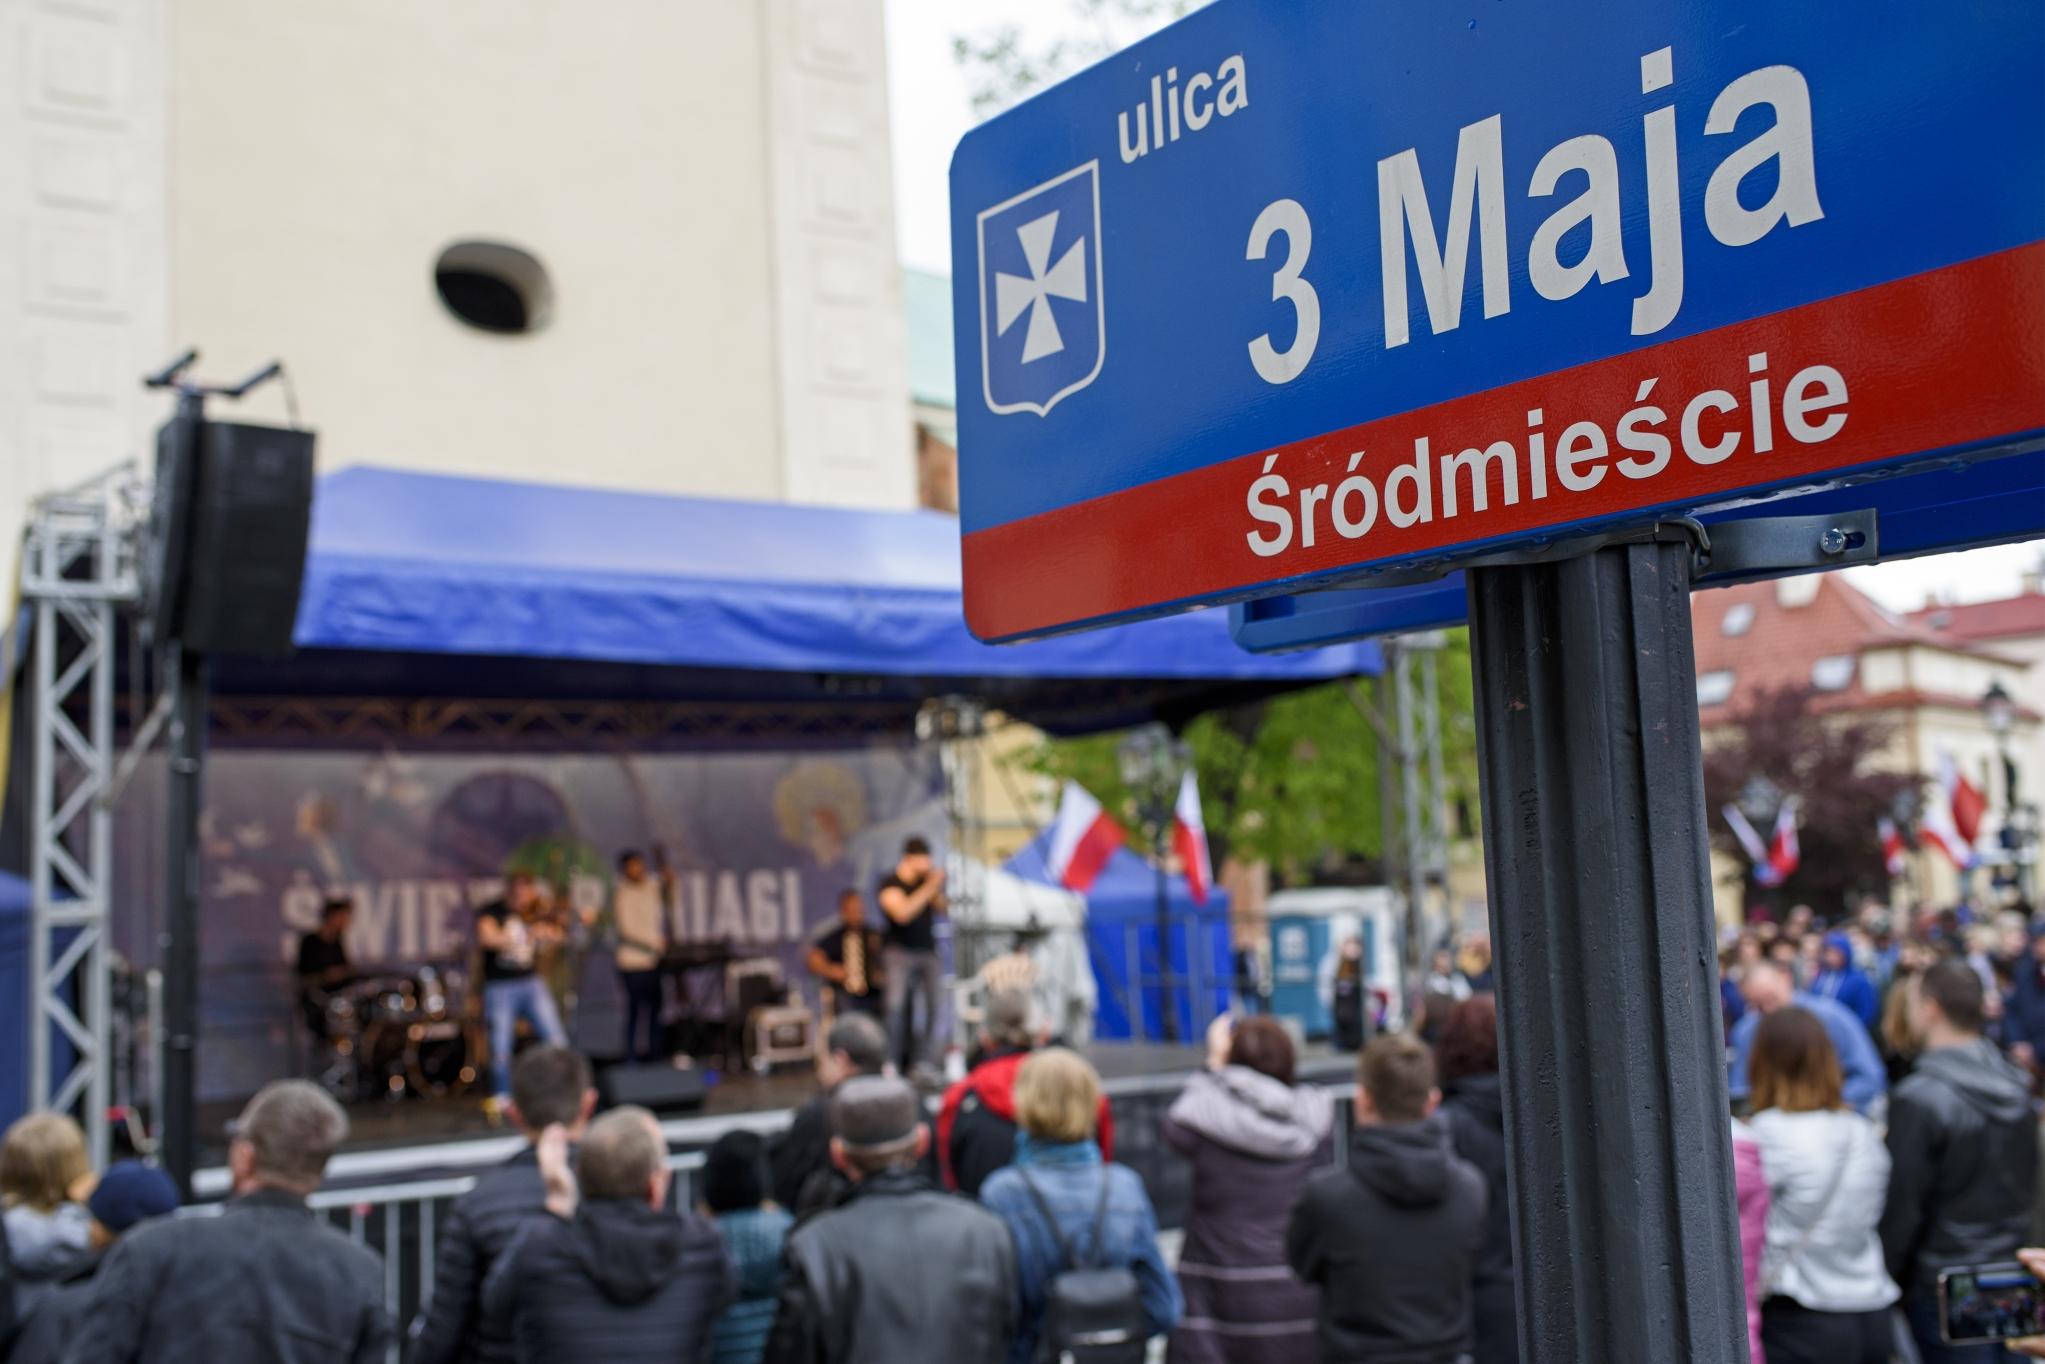 Święto Paniagi 2021 w Rzeszowie. Organizatorzy czekają na zgłoszenia wystawców - Zdjęcie główne